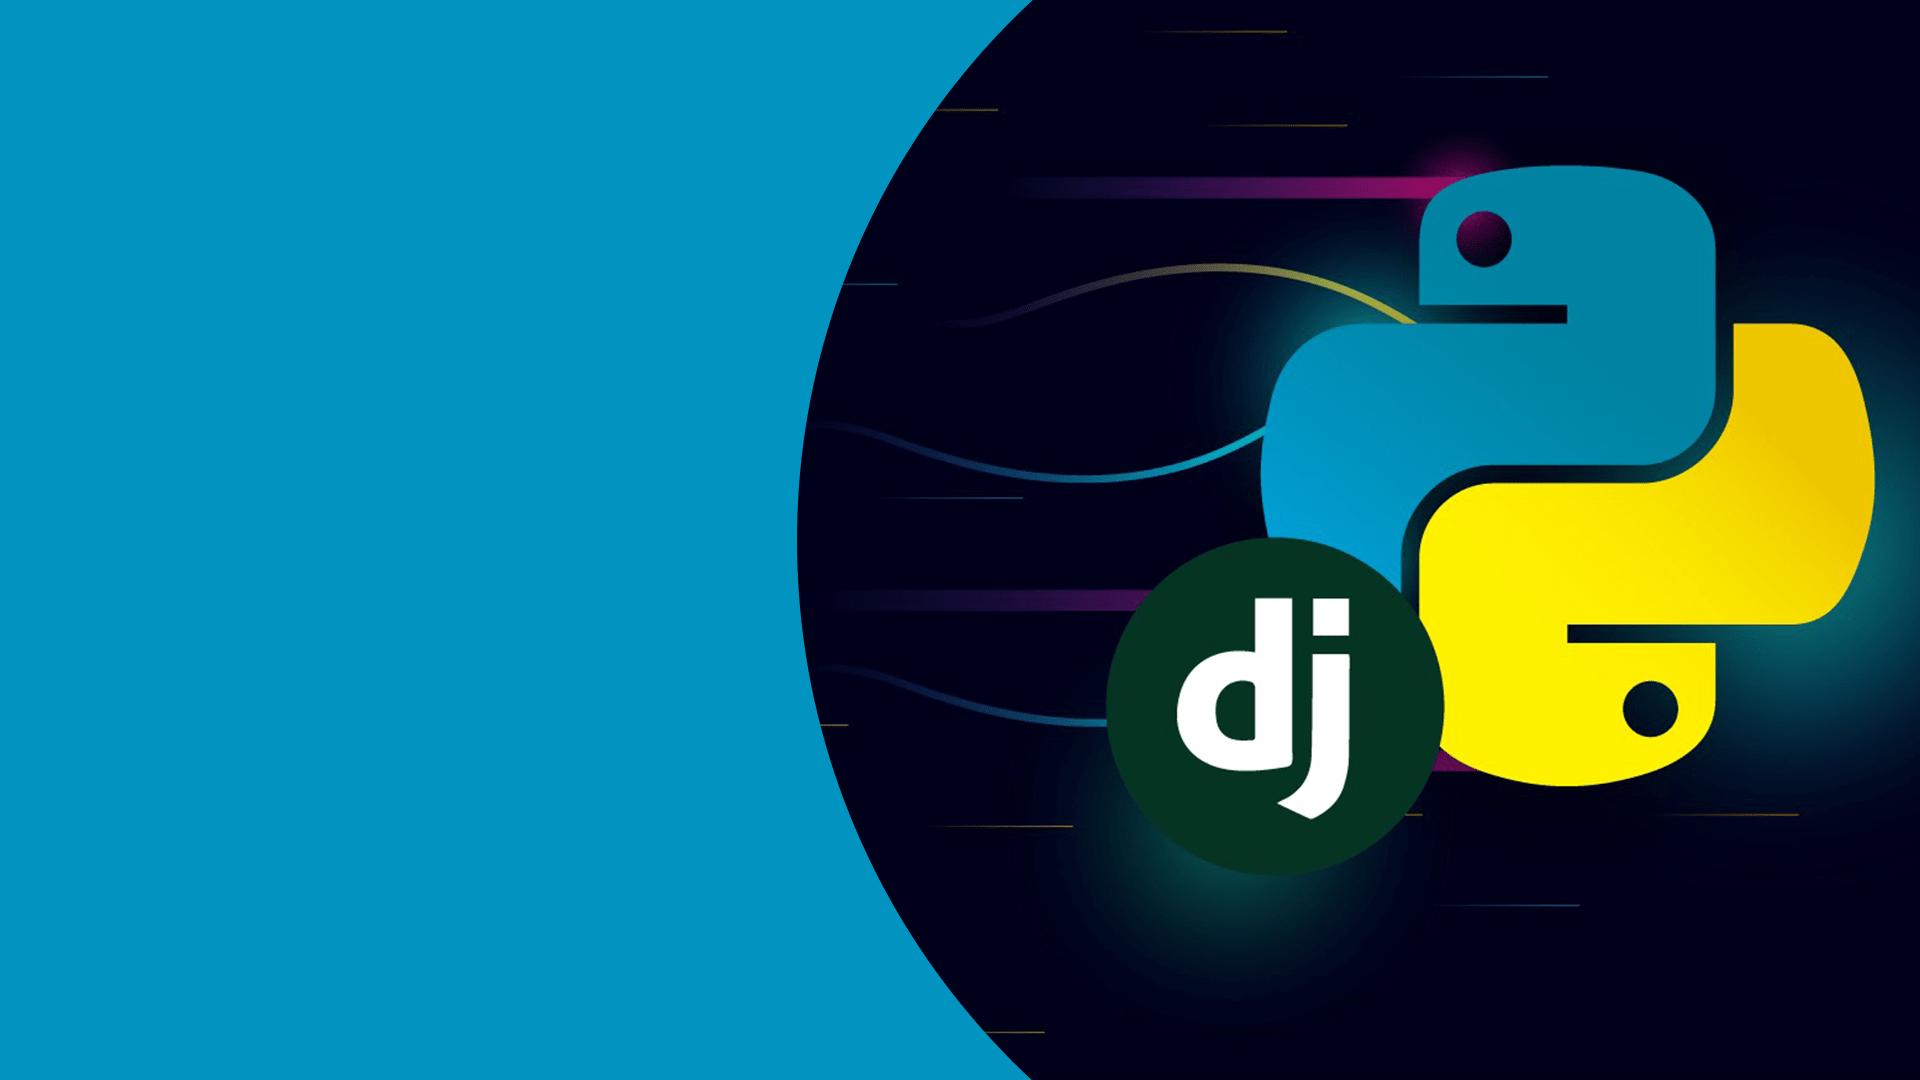 Zenetix. Python/Django web development